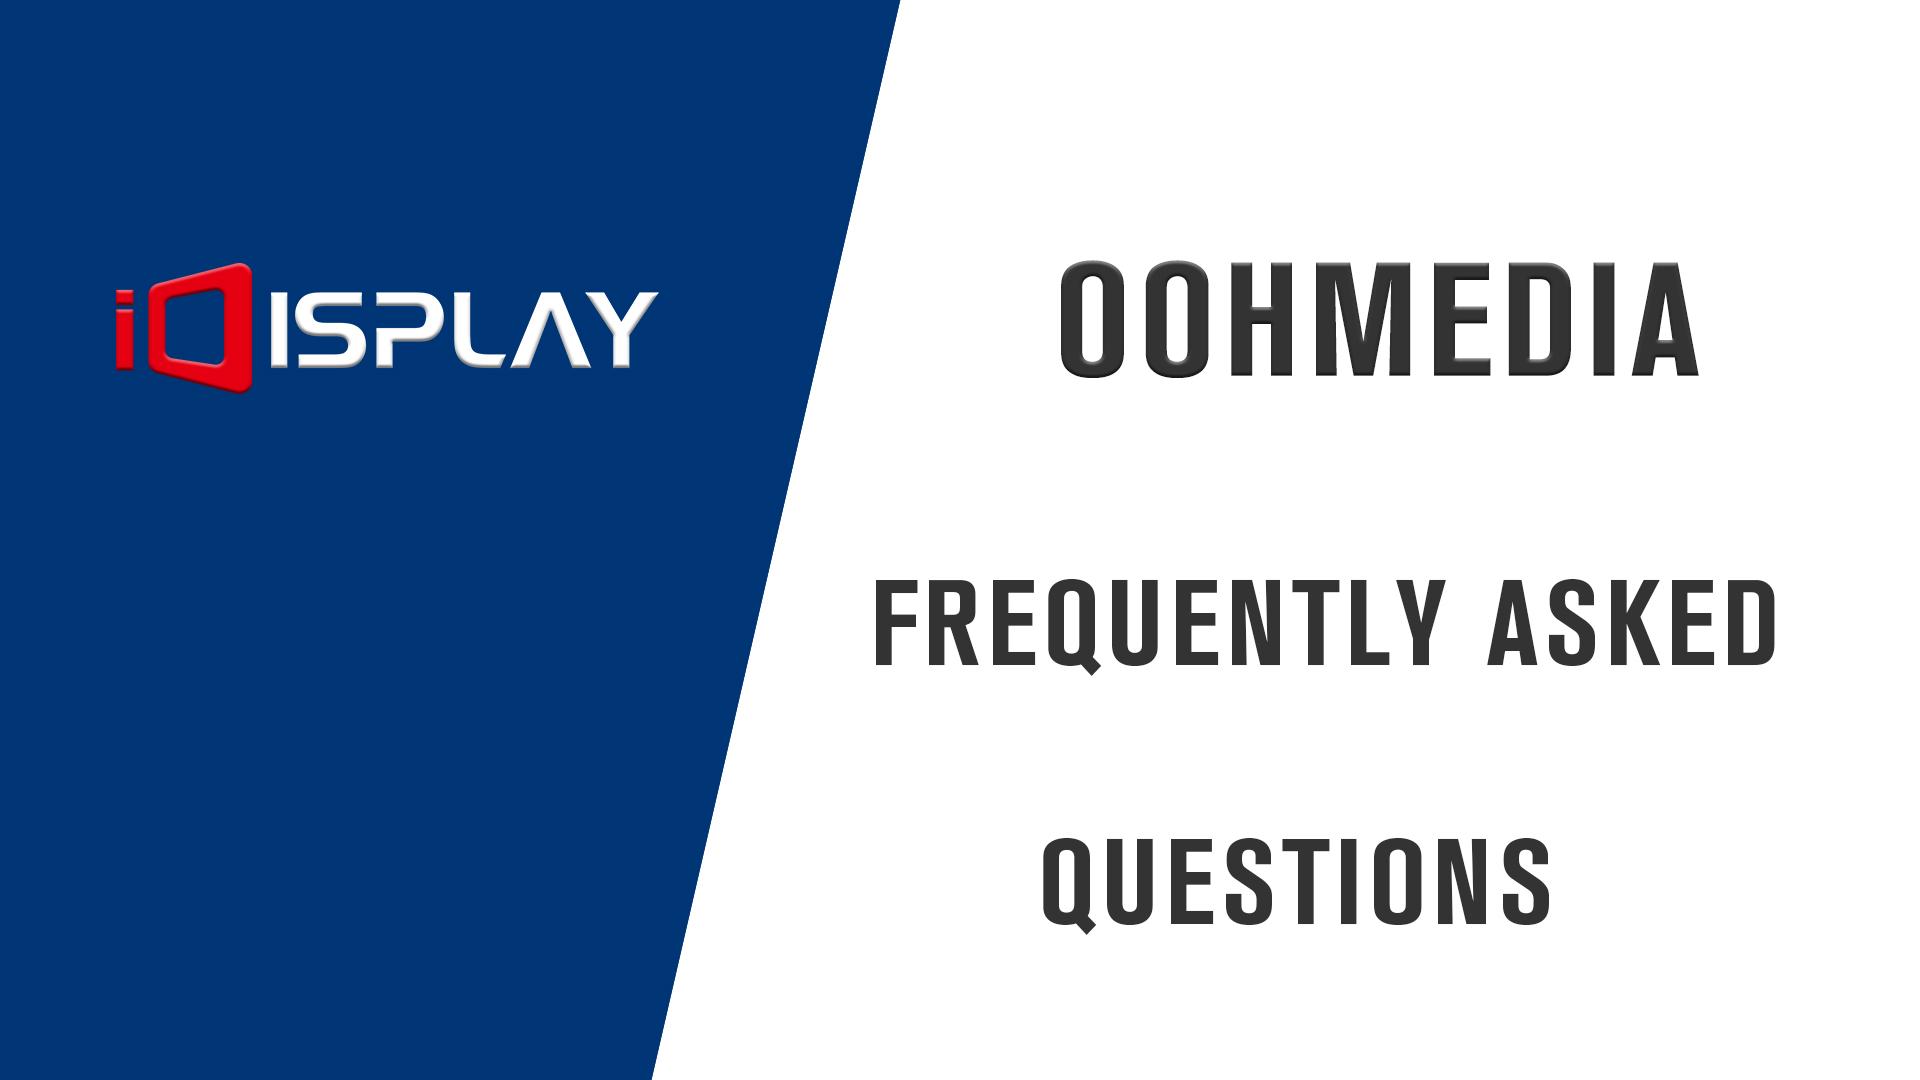 FAQ of OOHmedia